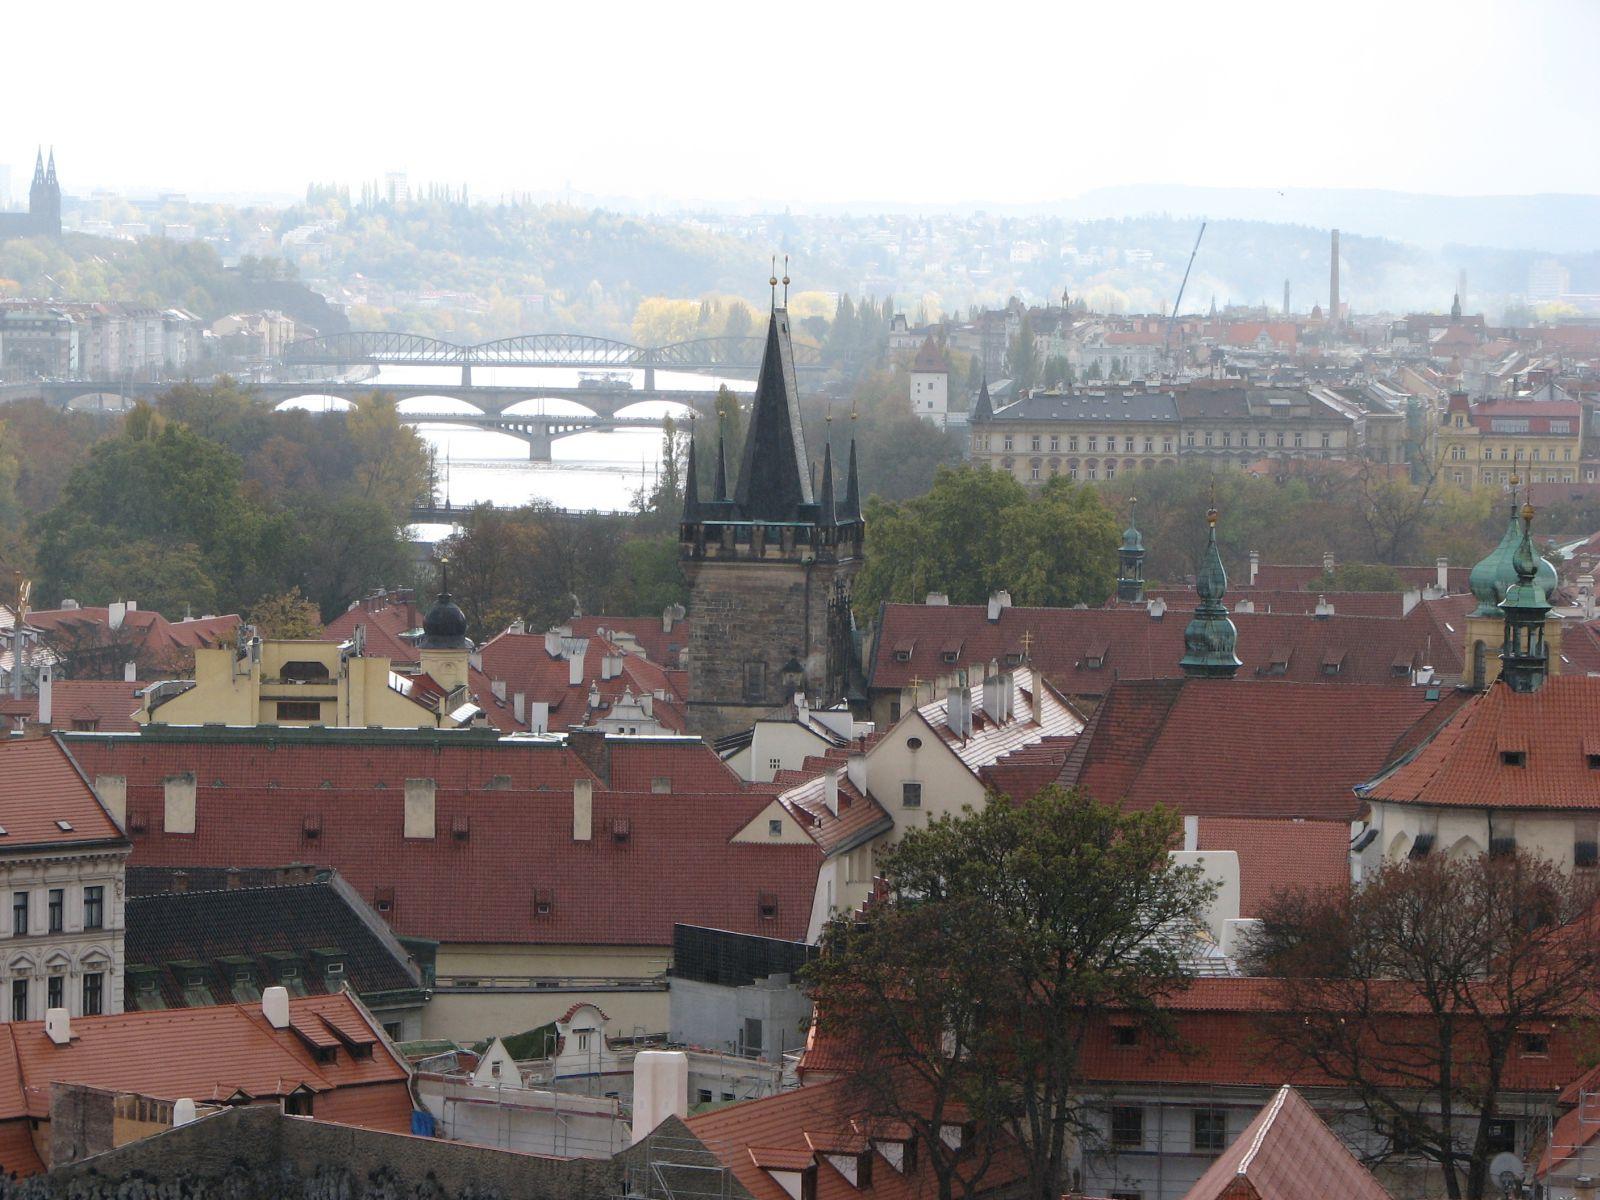 Prágai hidak és háztetk